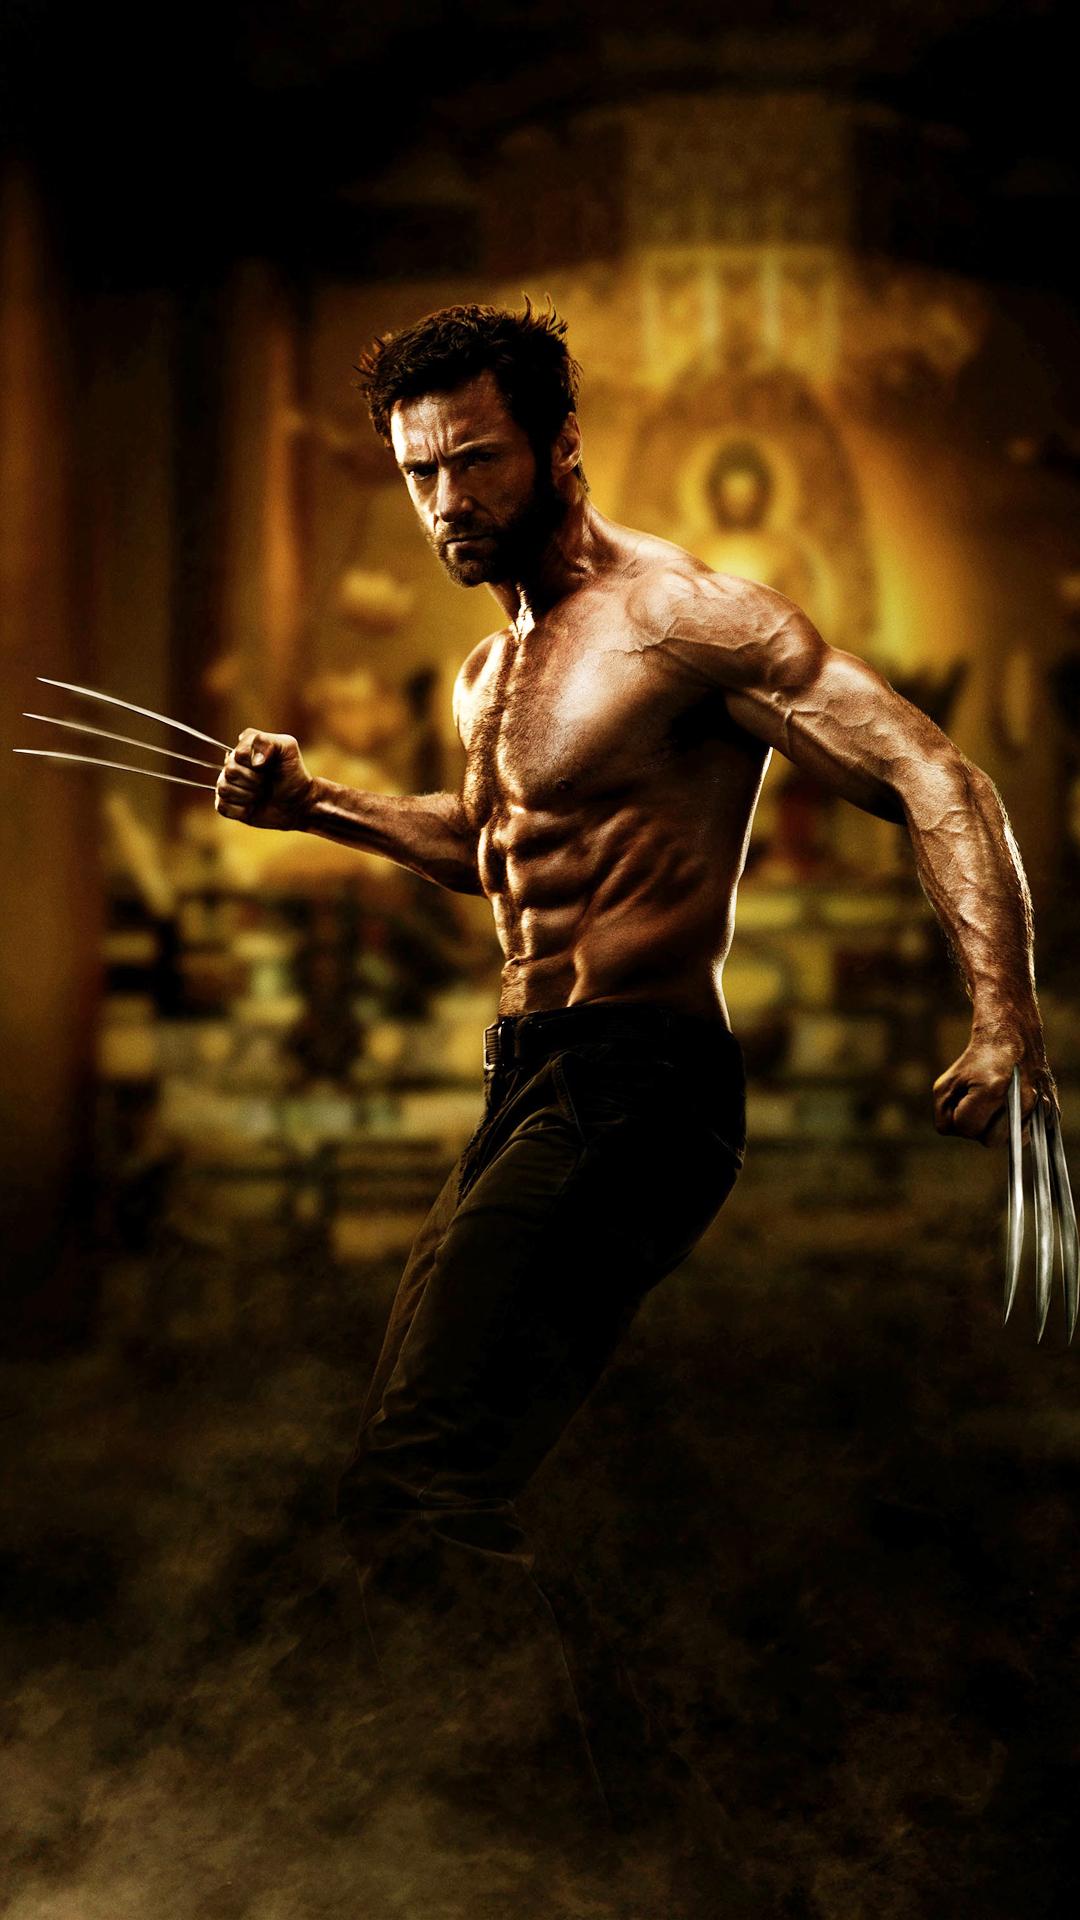 Wolverine htc one wallpaper